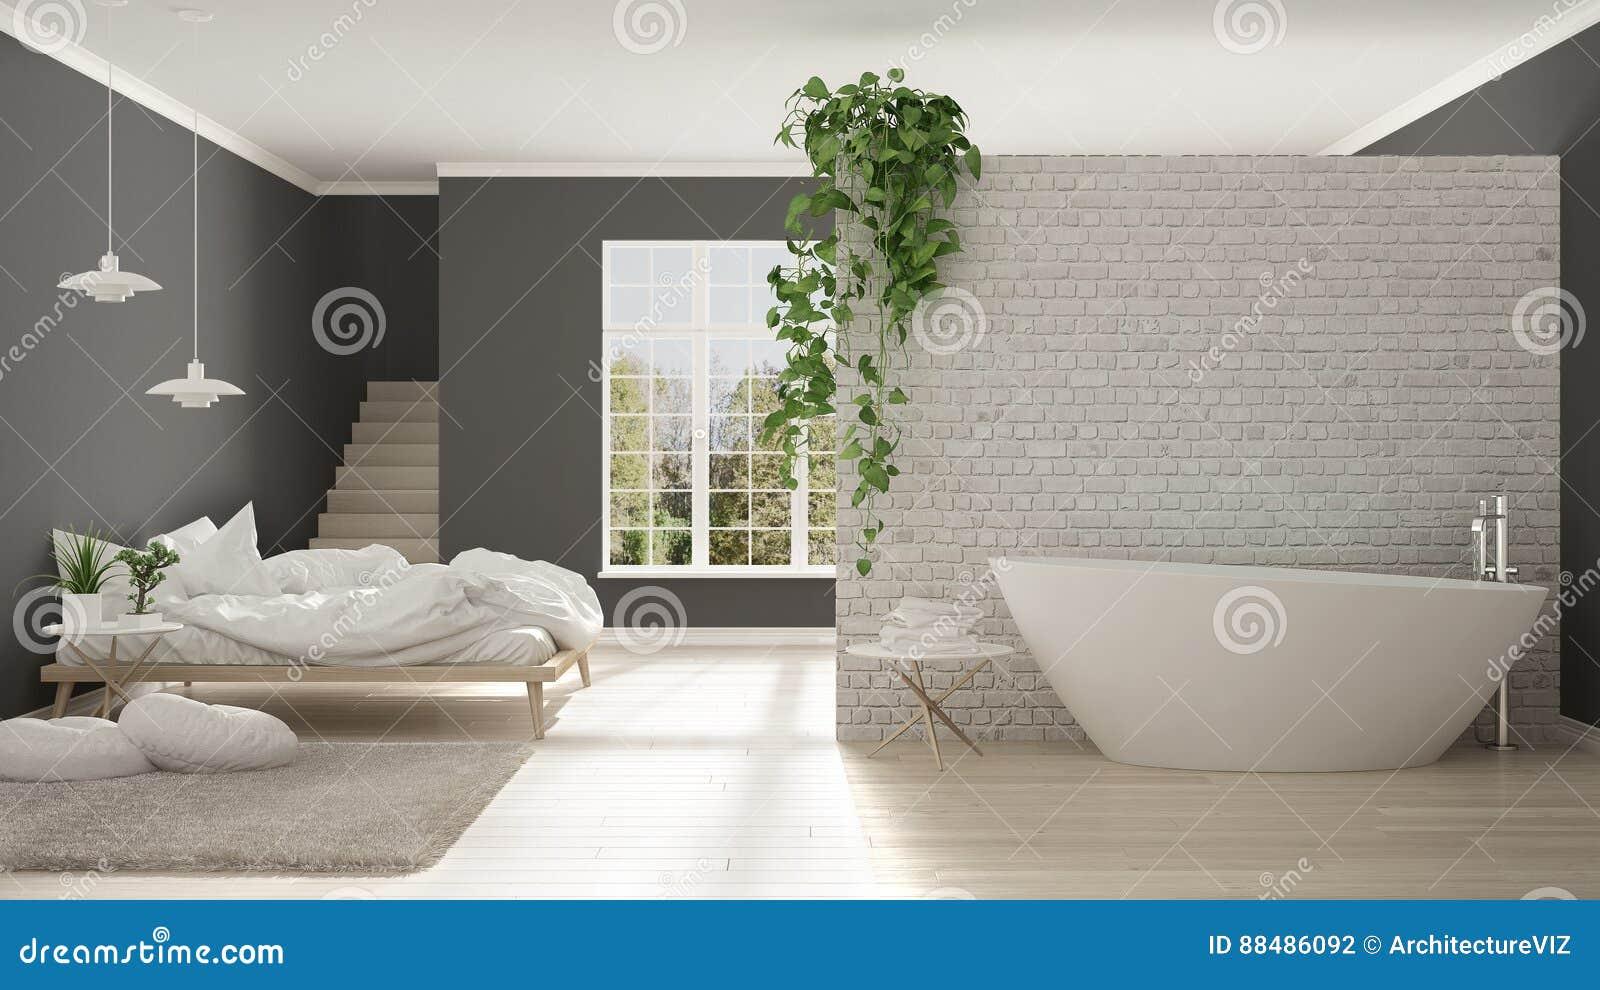 Scandinavian White Minimalist Bathroom And Bedroom Open Space